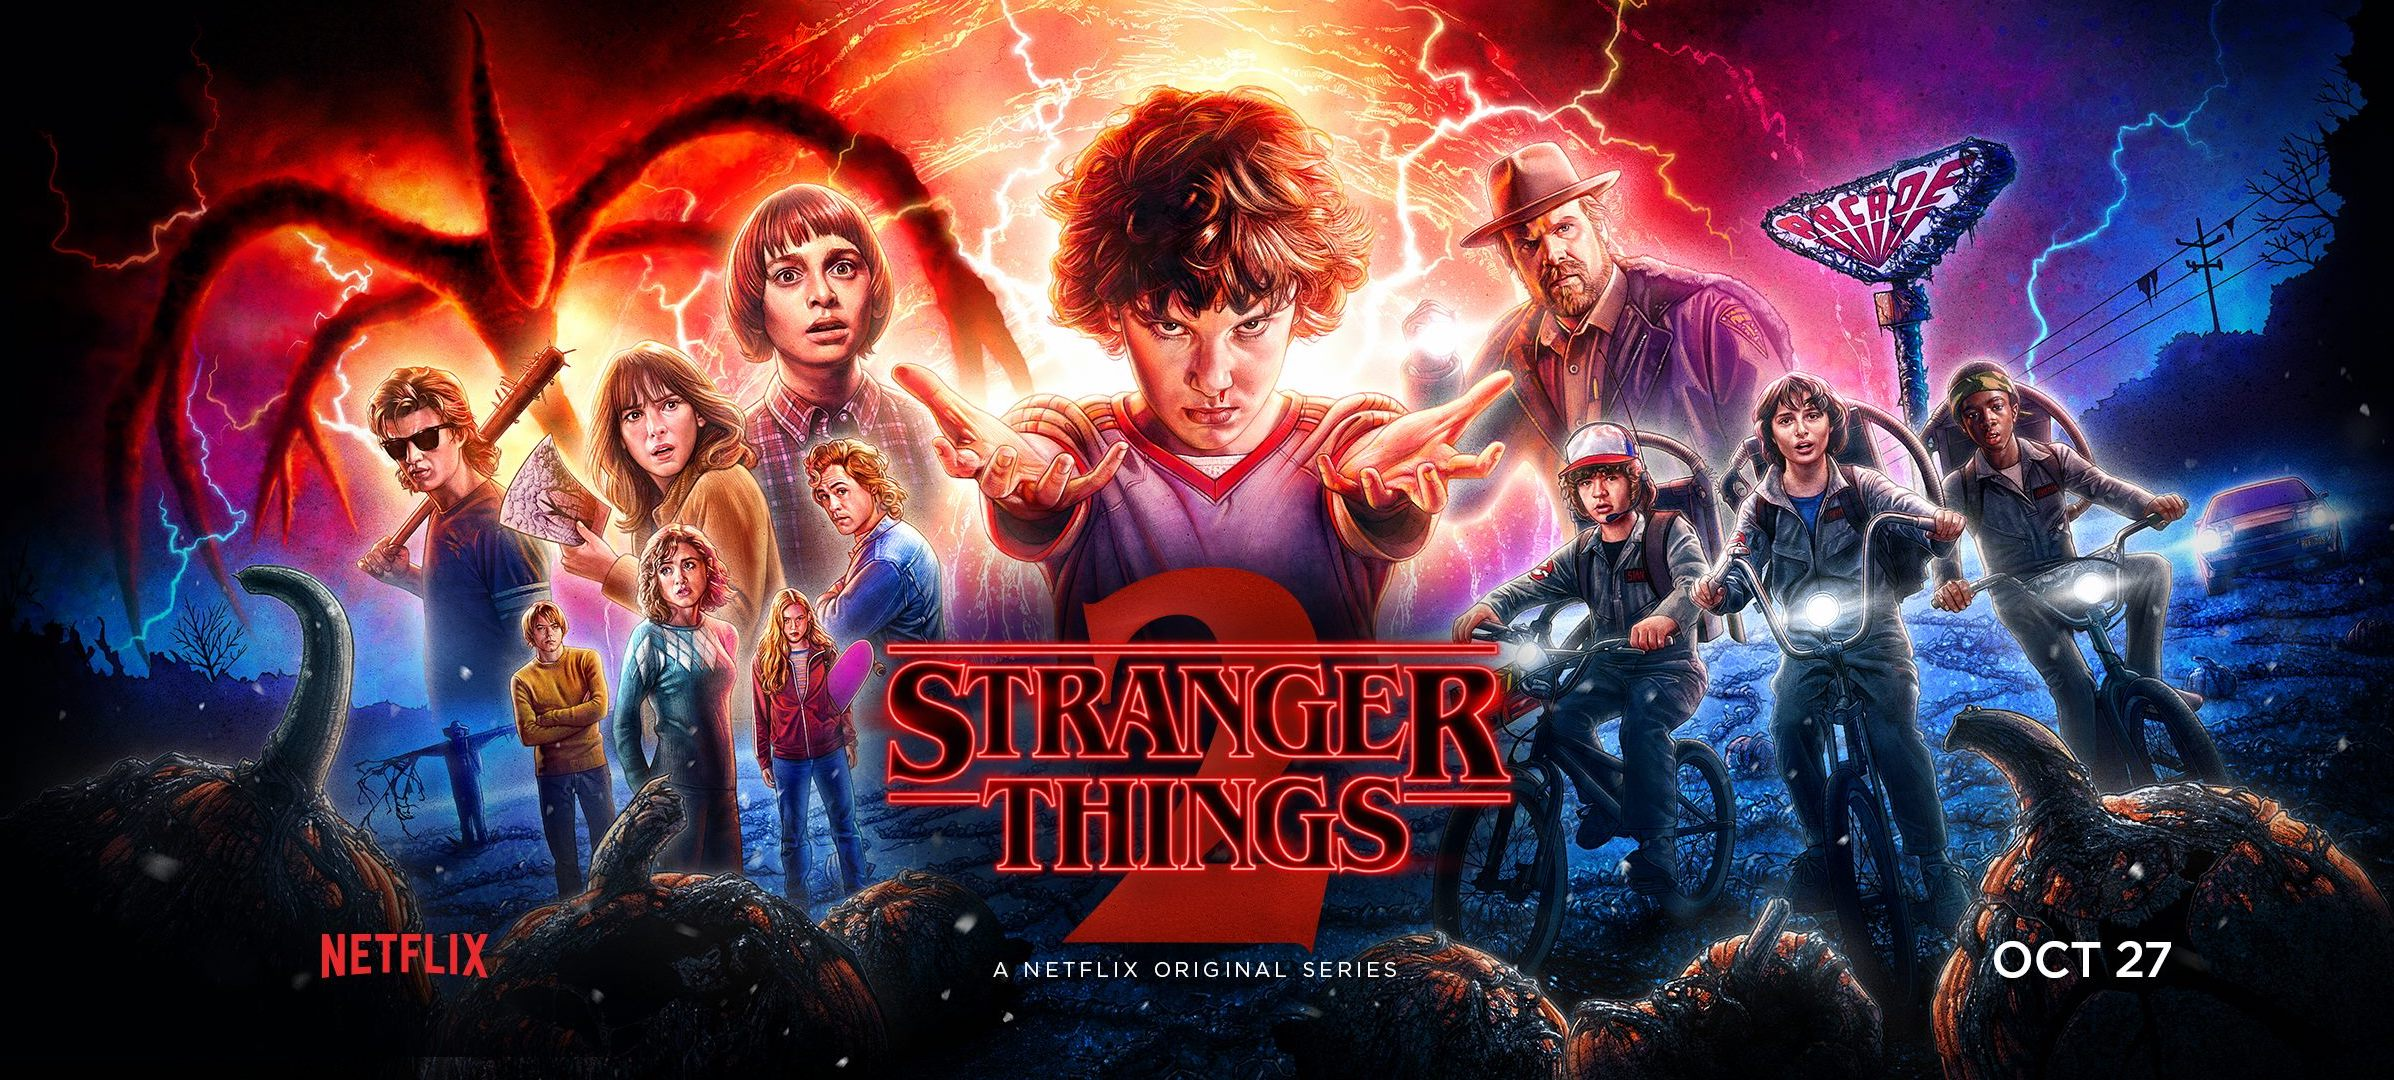 stranger-things-poster.jpg